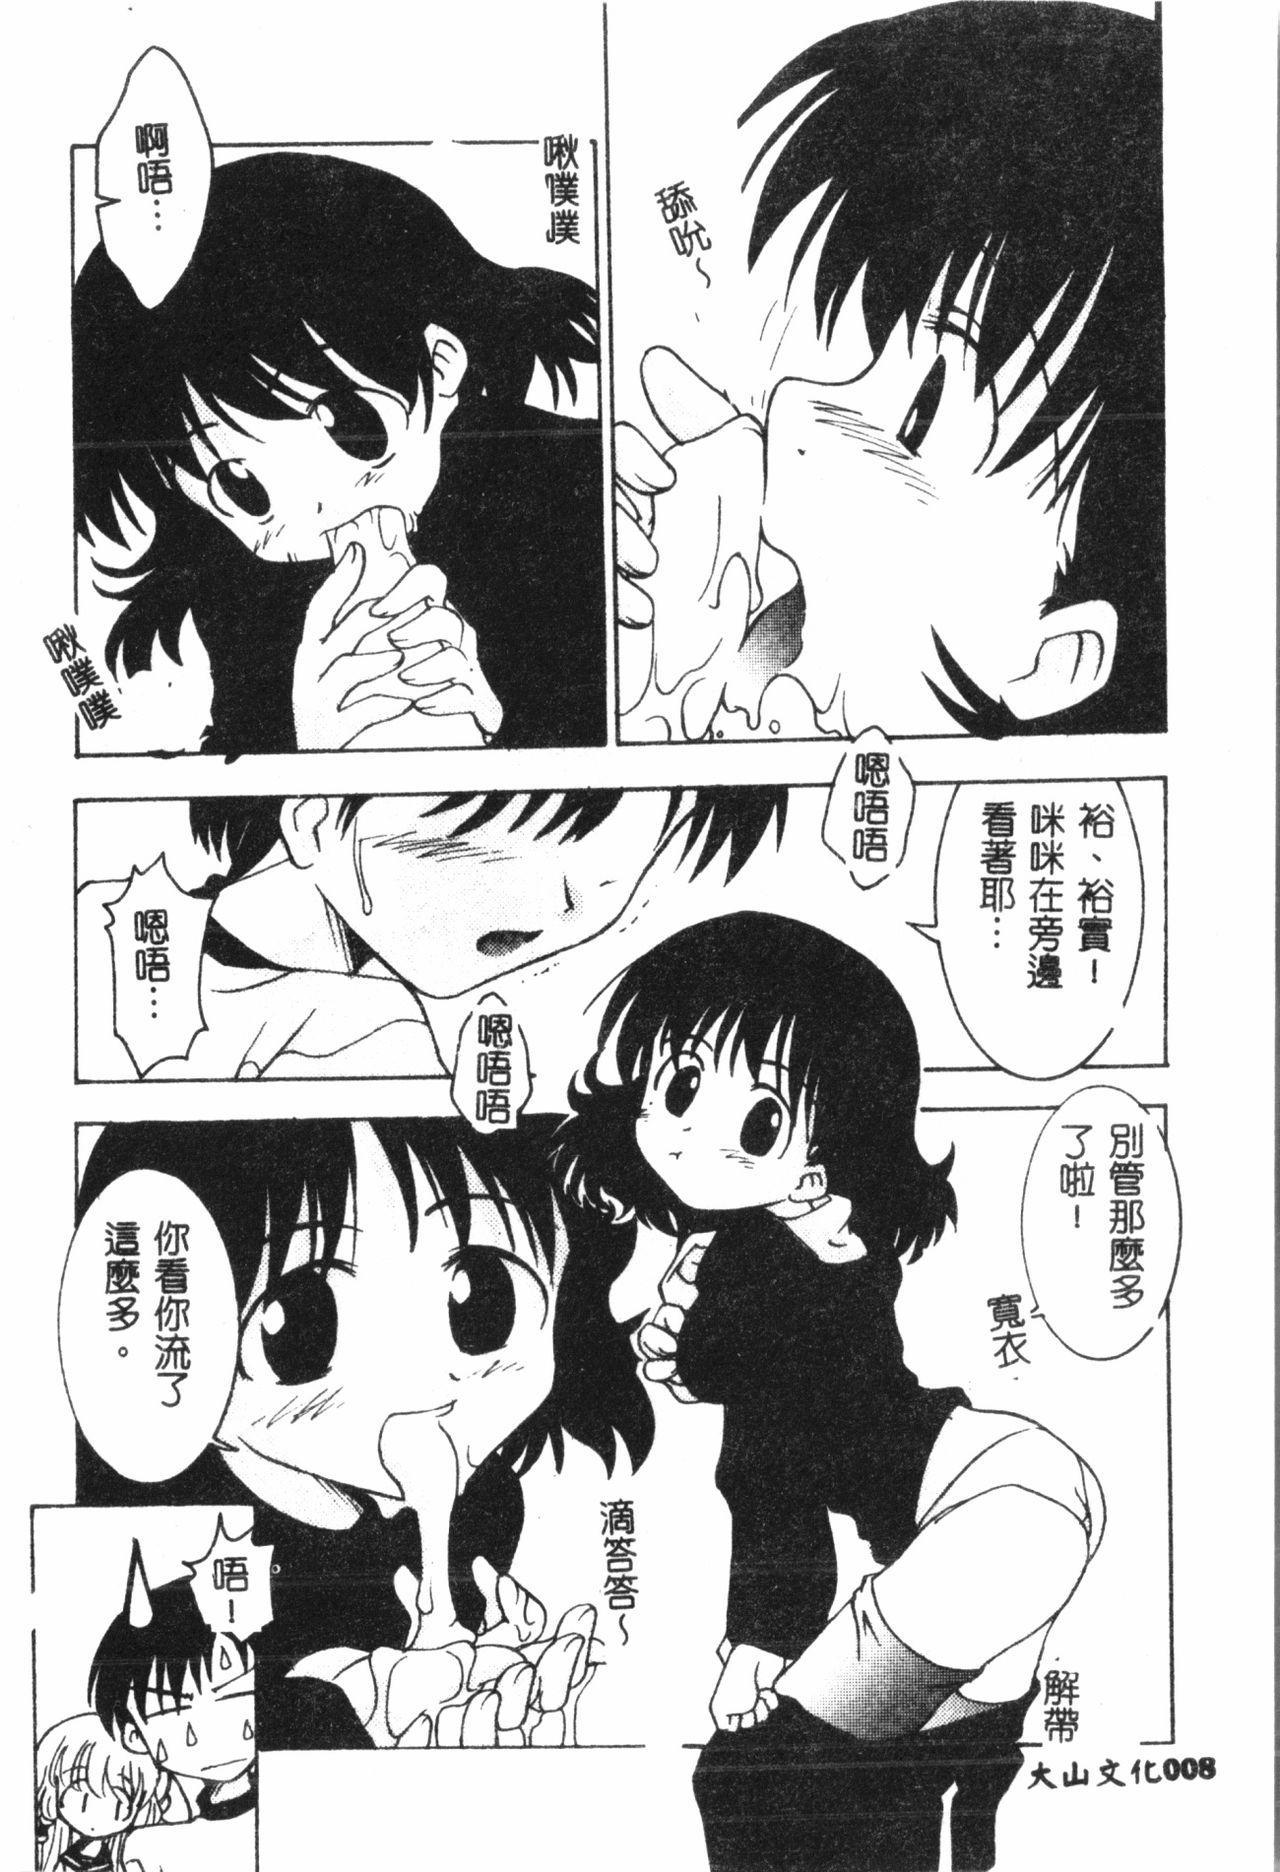 Naru Hina Plus 5 8